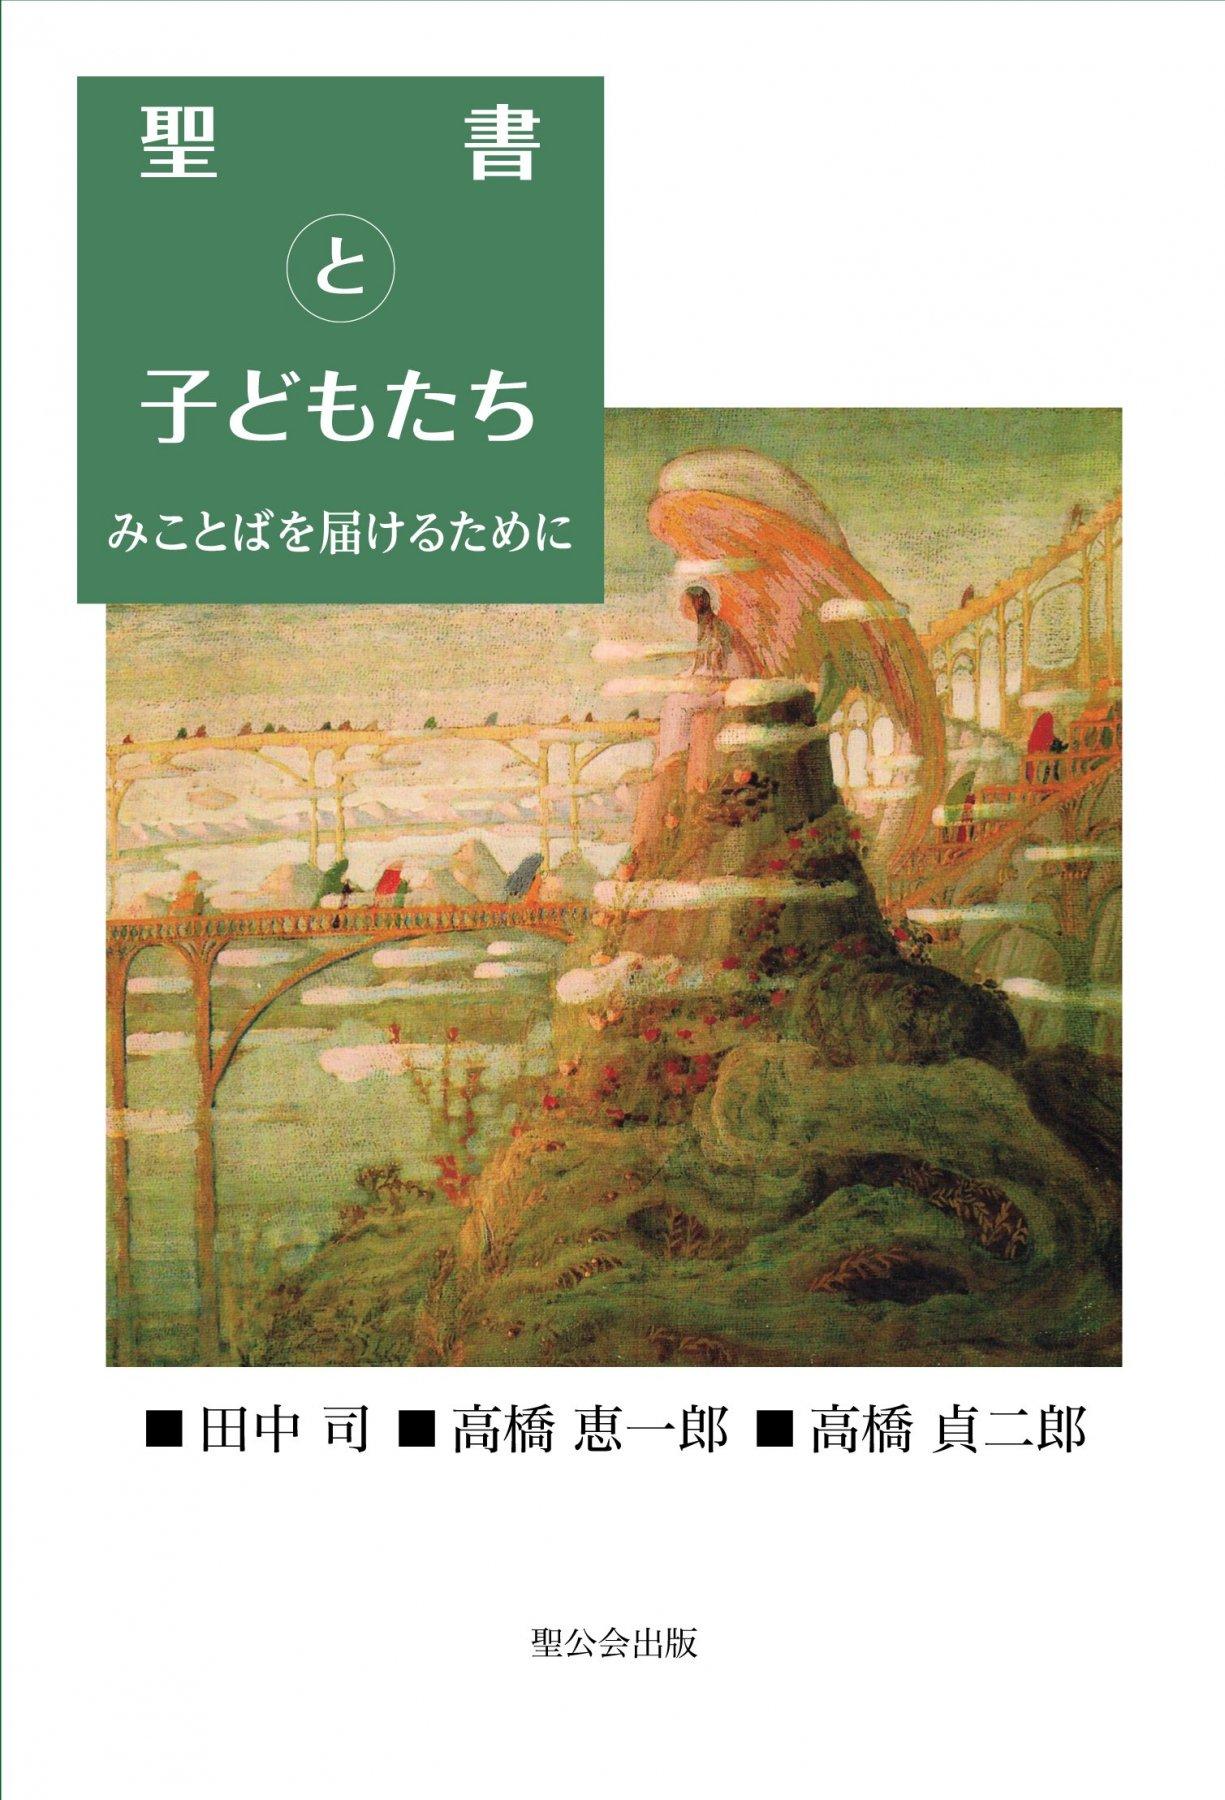 【送料無料】聖書と子どもたち みことばを届けるためにの商品画像